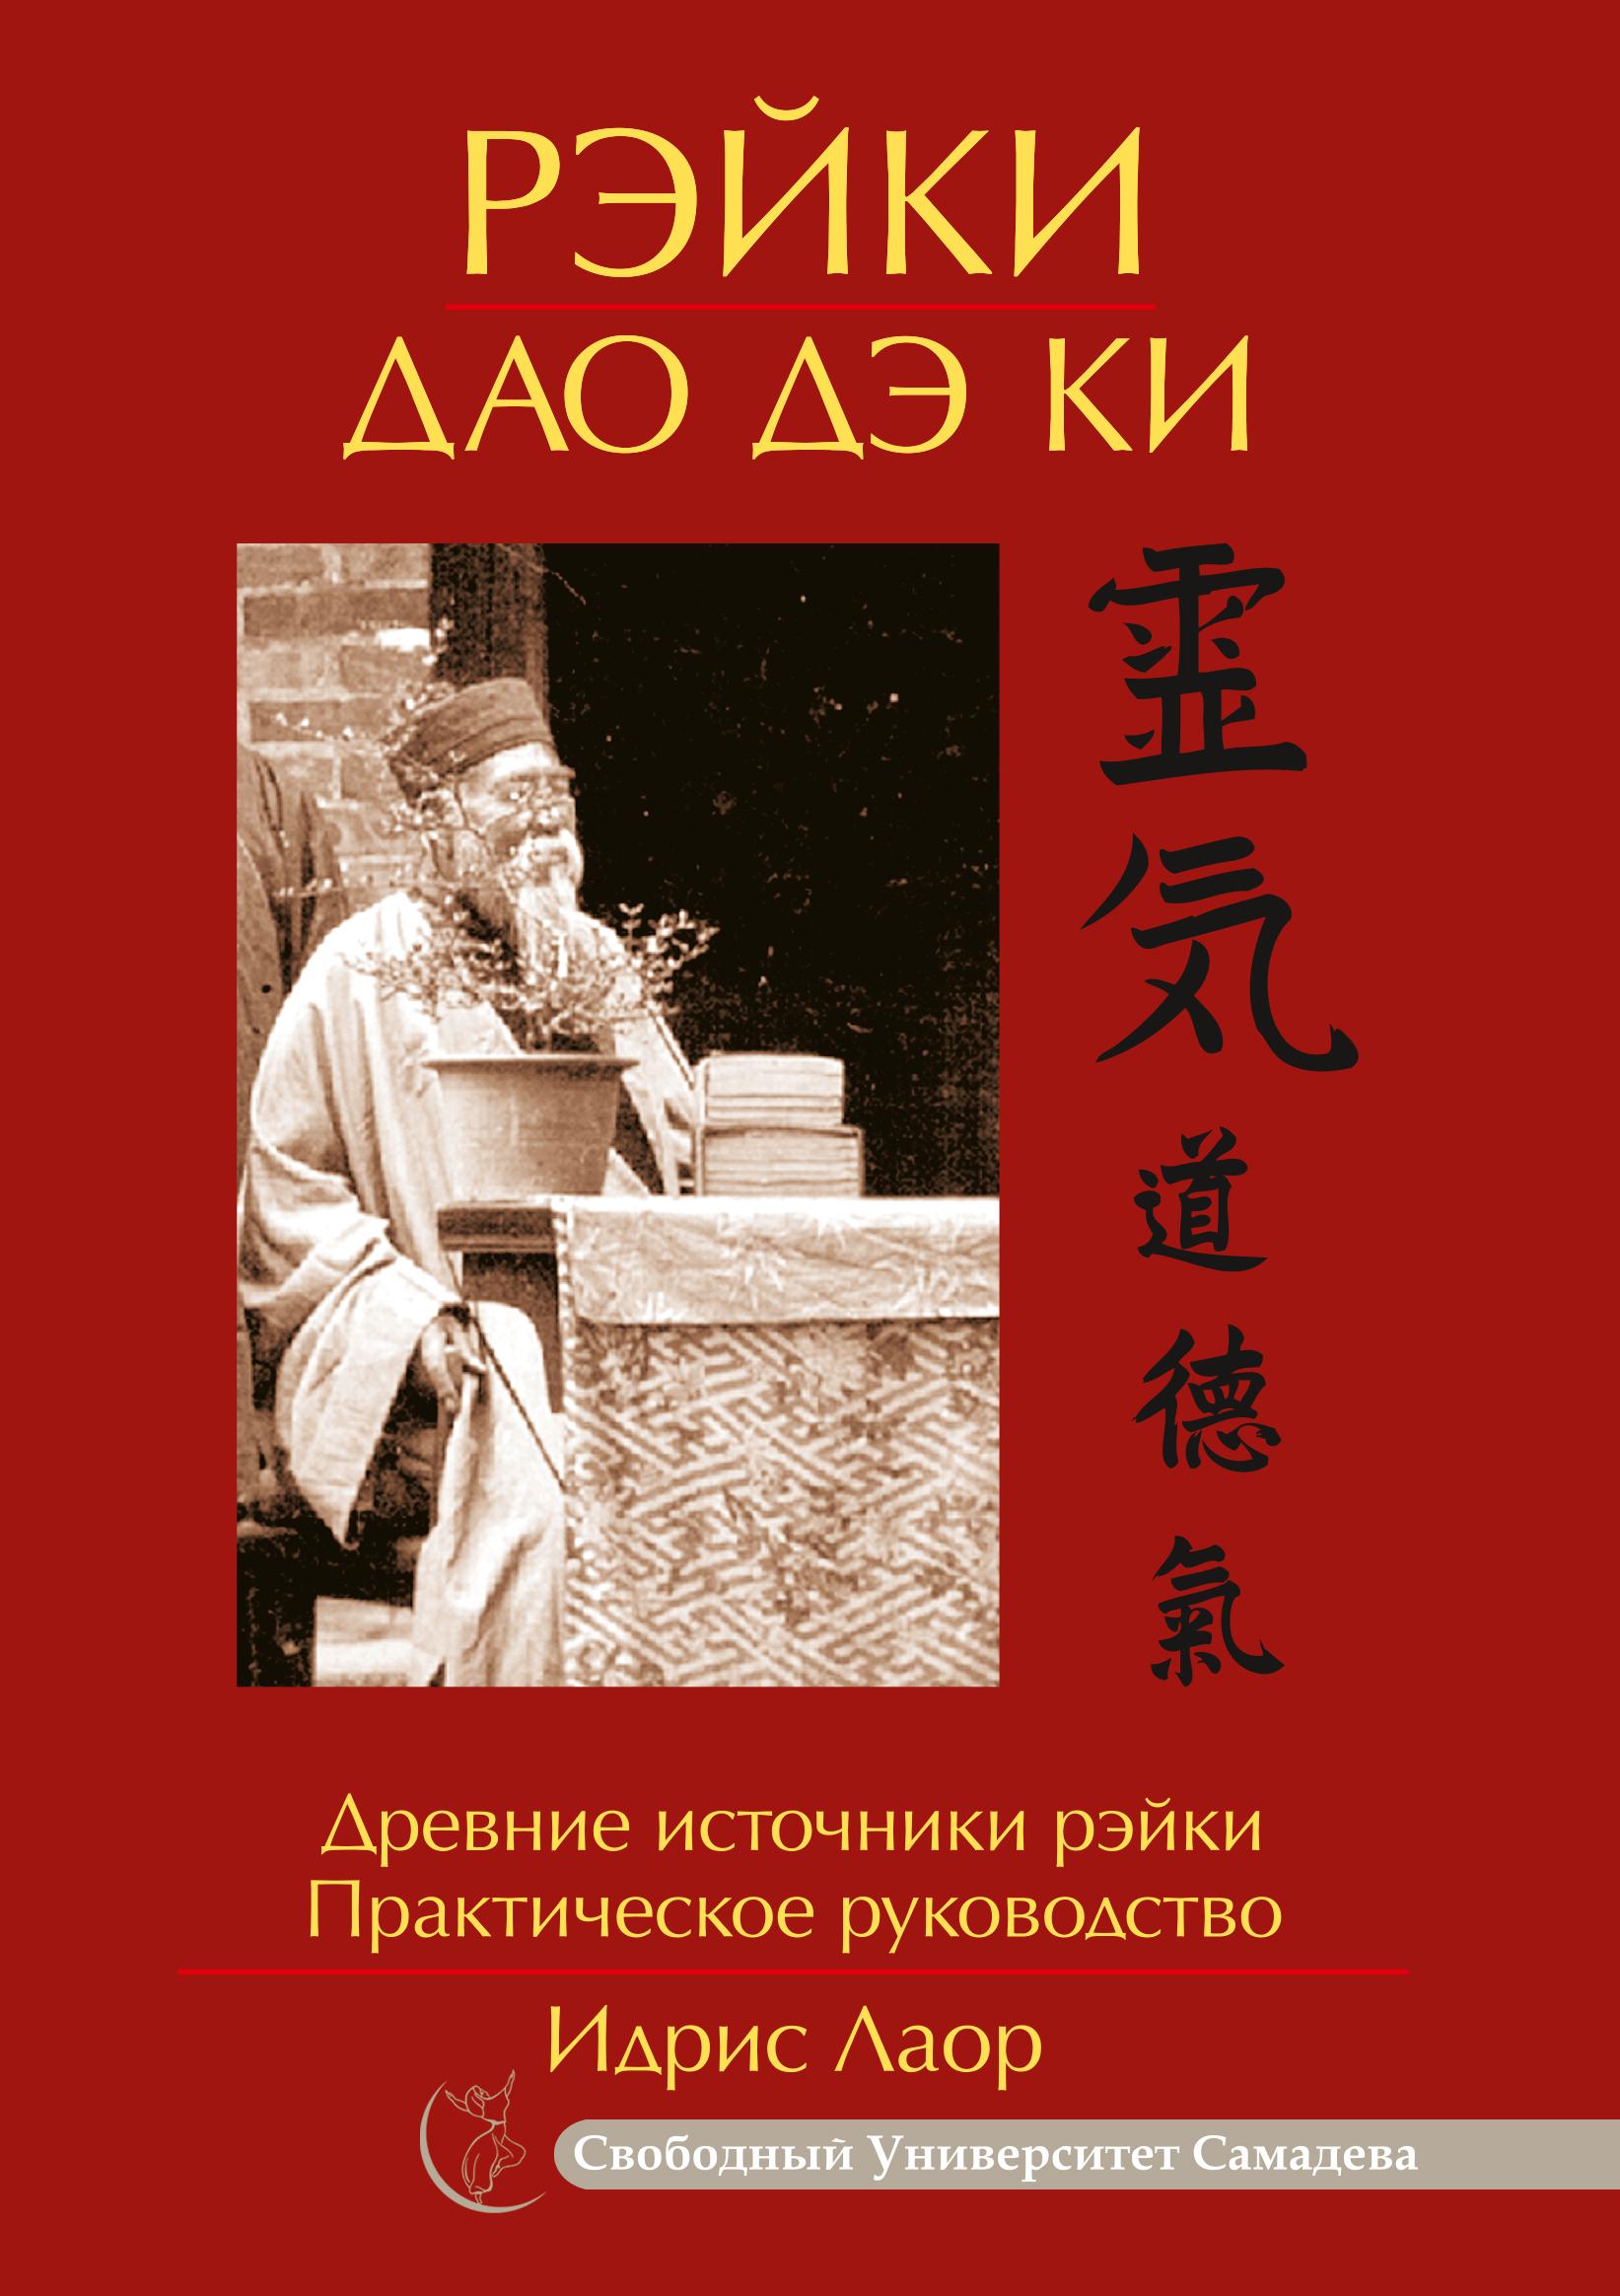 Рэйки Дао Дэ Ки. 4-е изд. Древние источники рэйки. Практическое руководство